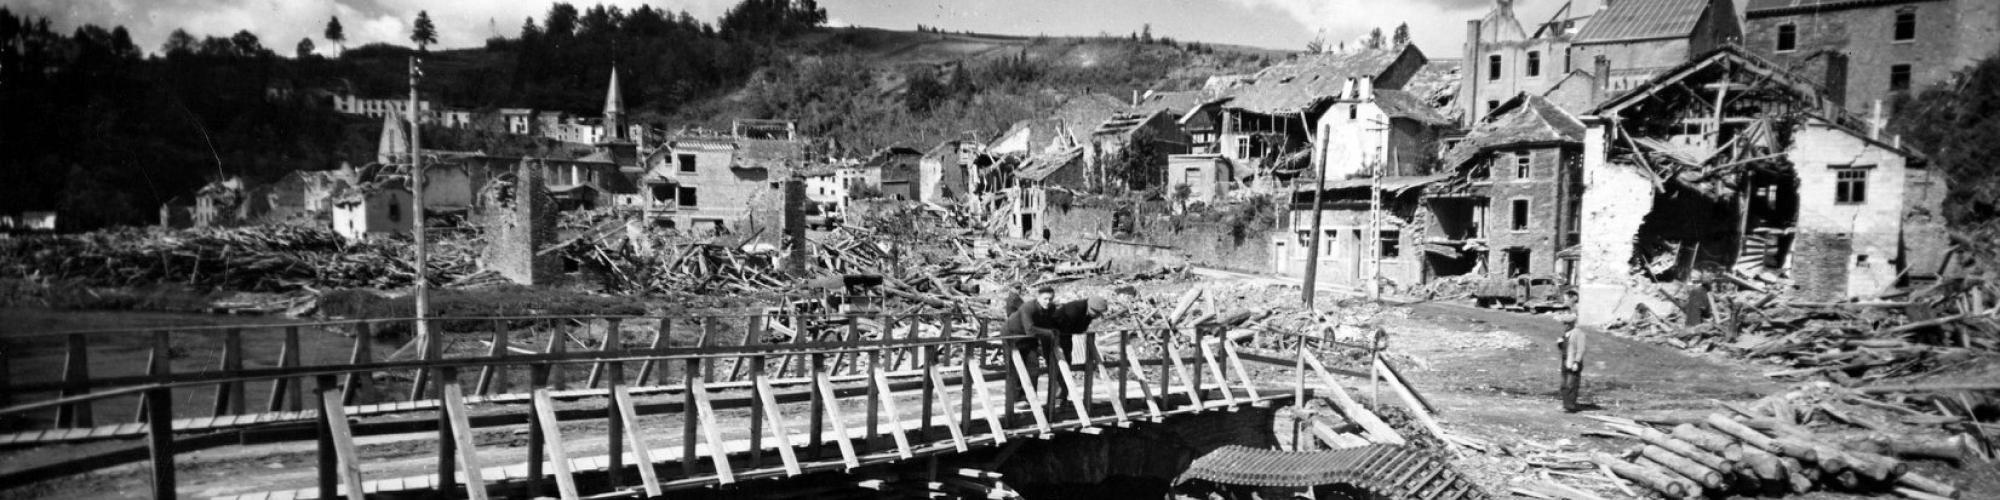 Houffalize, juin 1945, © CegeSoma.